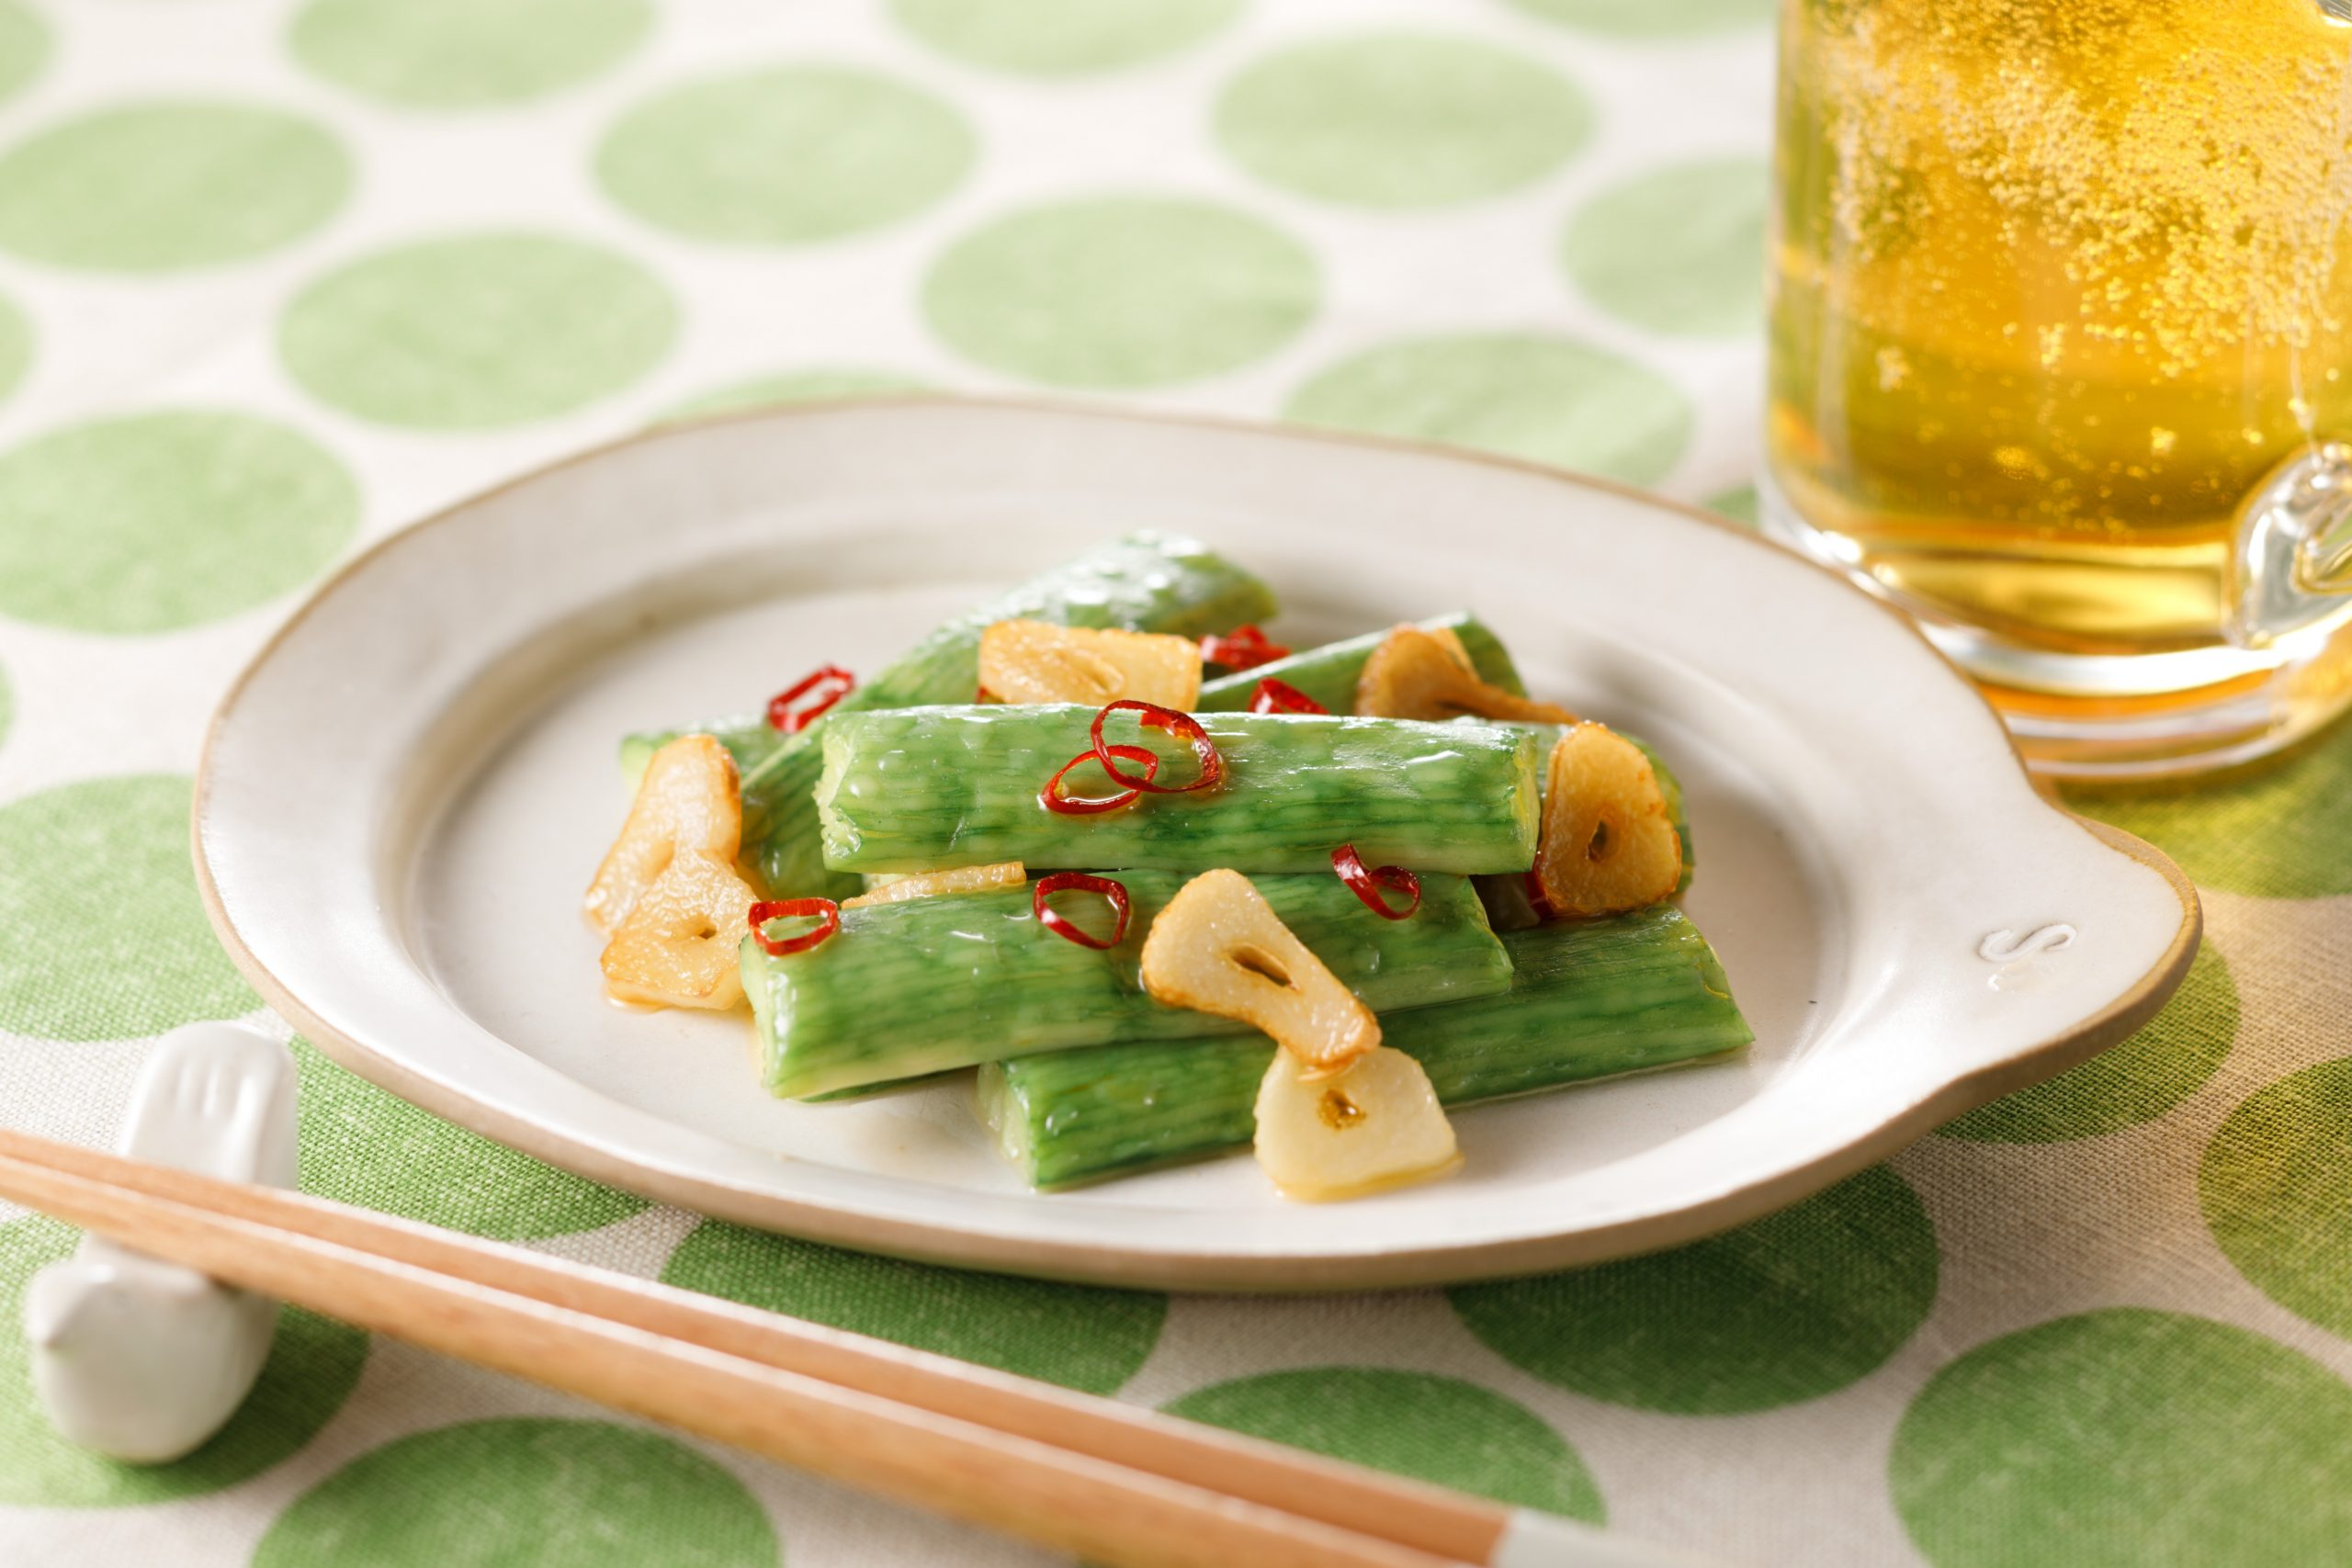 枝豆風味のスティック 夏にぴったり緑色